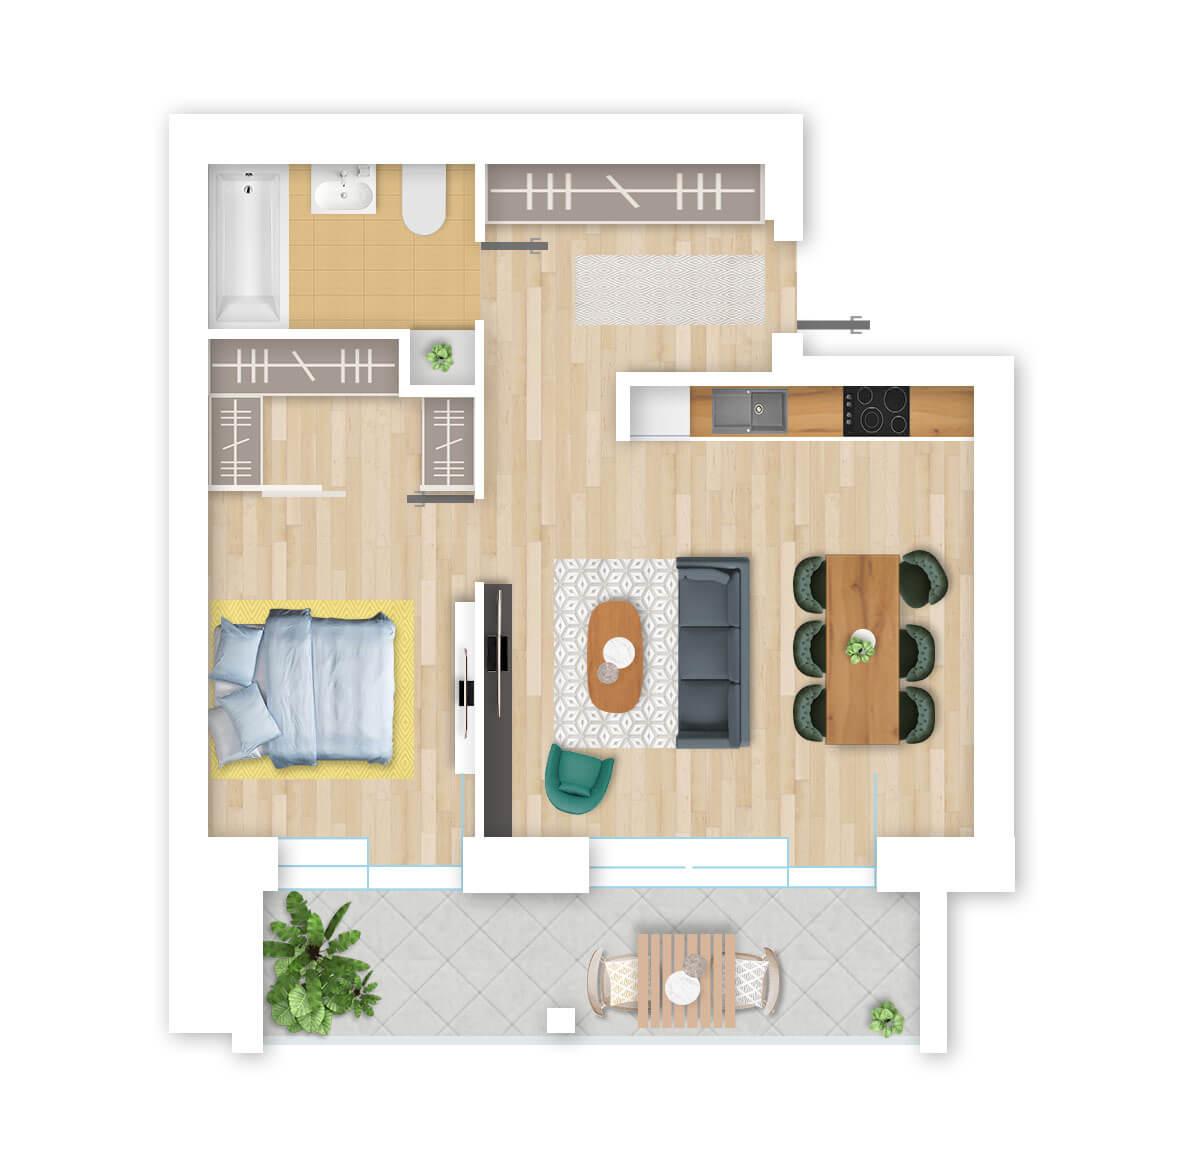 parduodamas butas Lazdynėlių g. 16A - 45 Vilniuje, buto 3D vaizdas